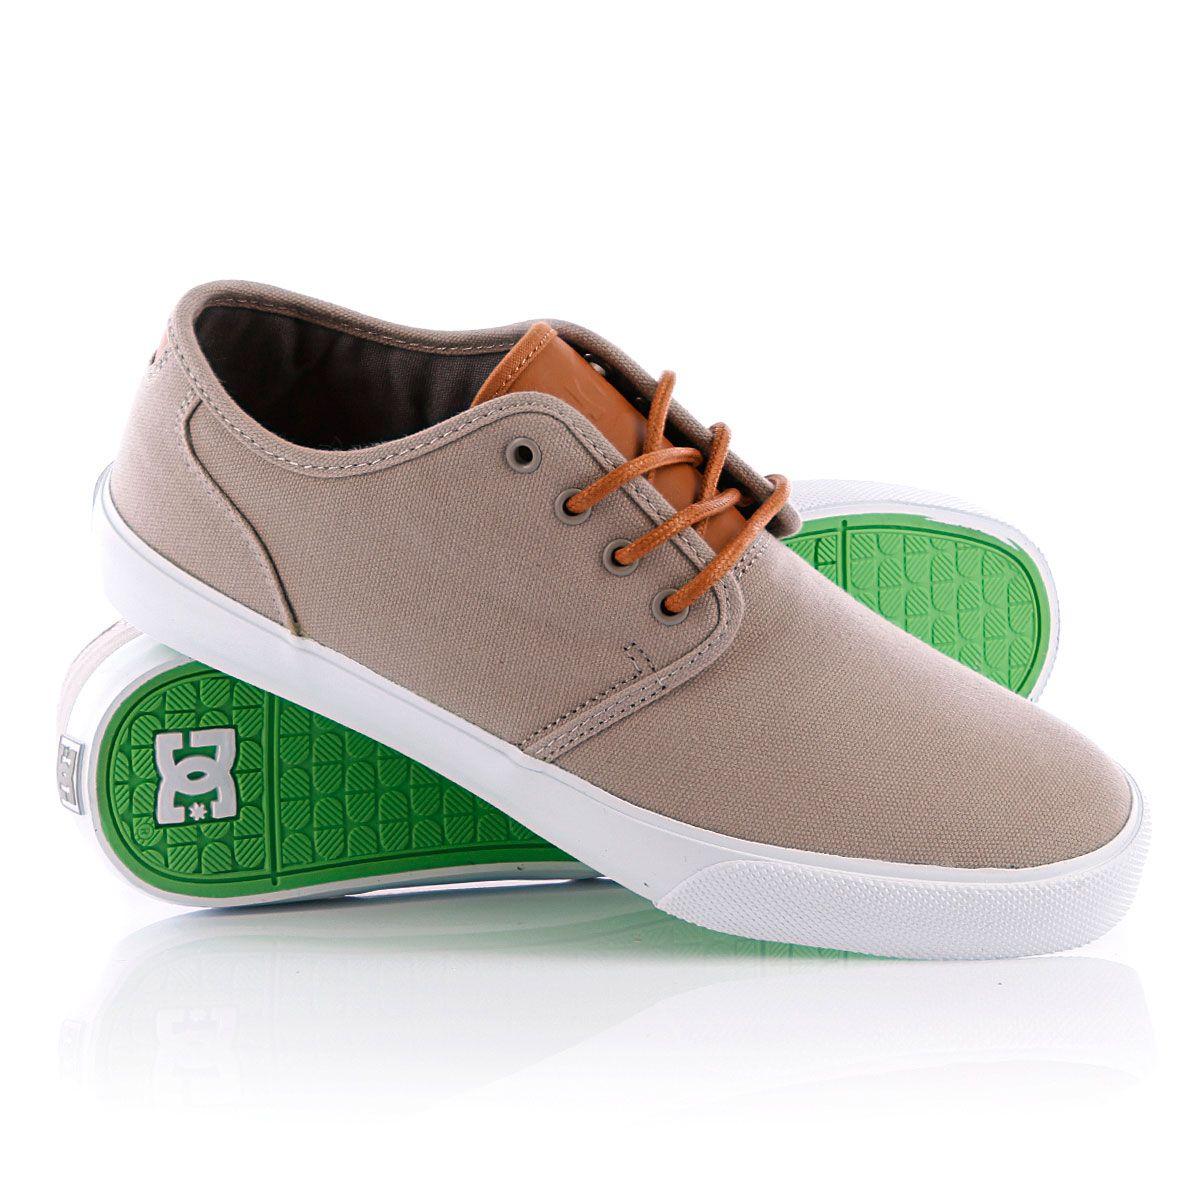 a7be759753 DC Studio Tx Shoes Mojave | Vans pro | Pinterest